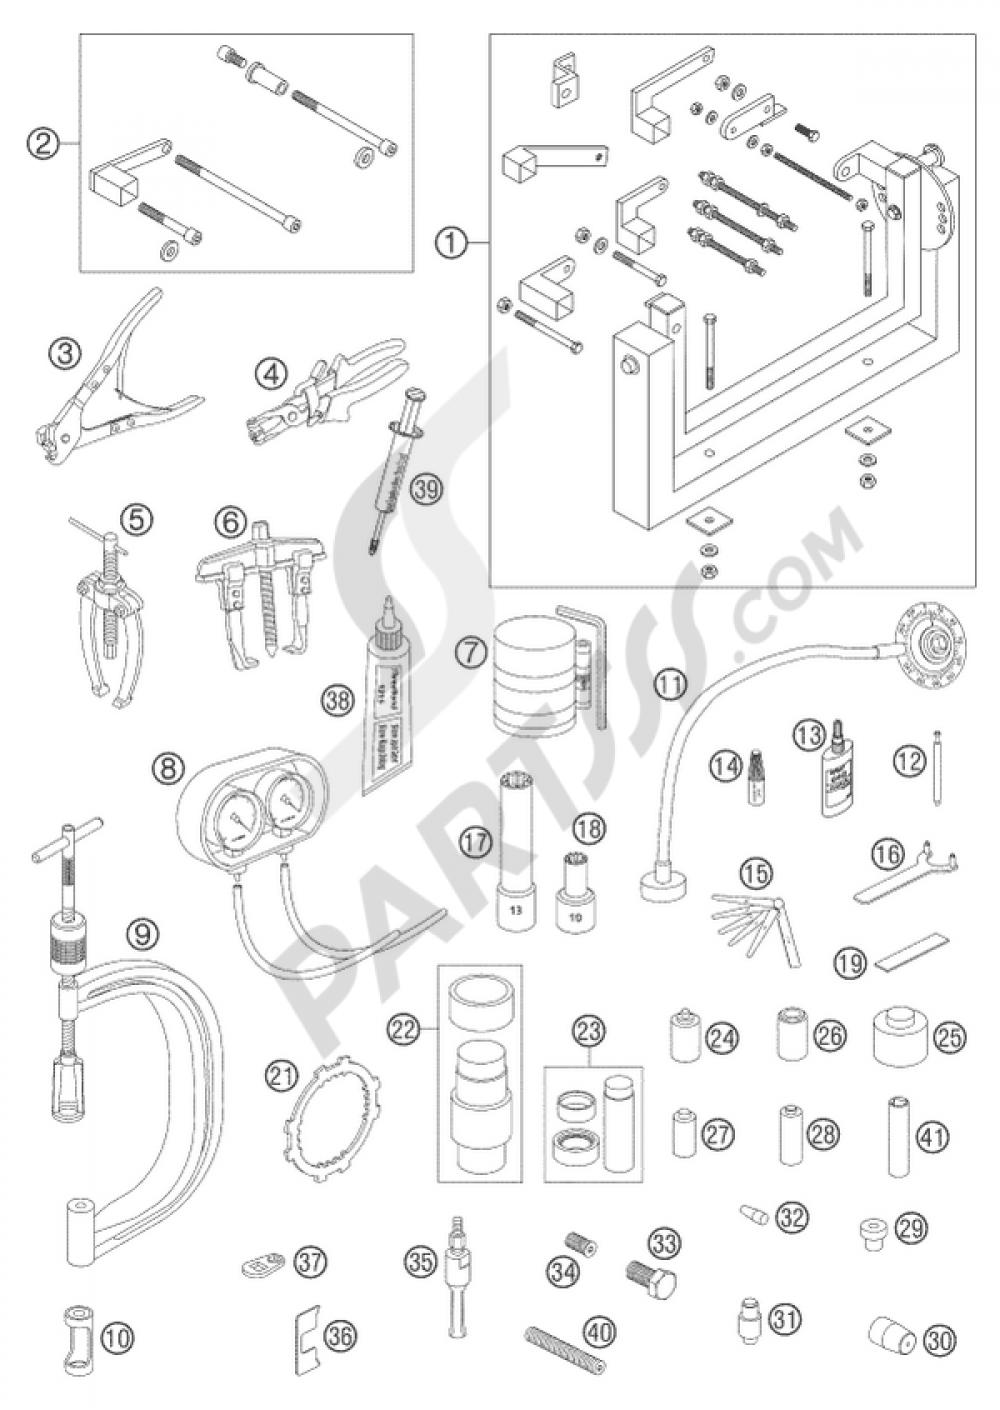 special tools engine lc8 ktm 950 adventure s blue high 2004 eu rh partsss com